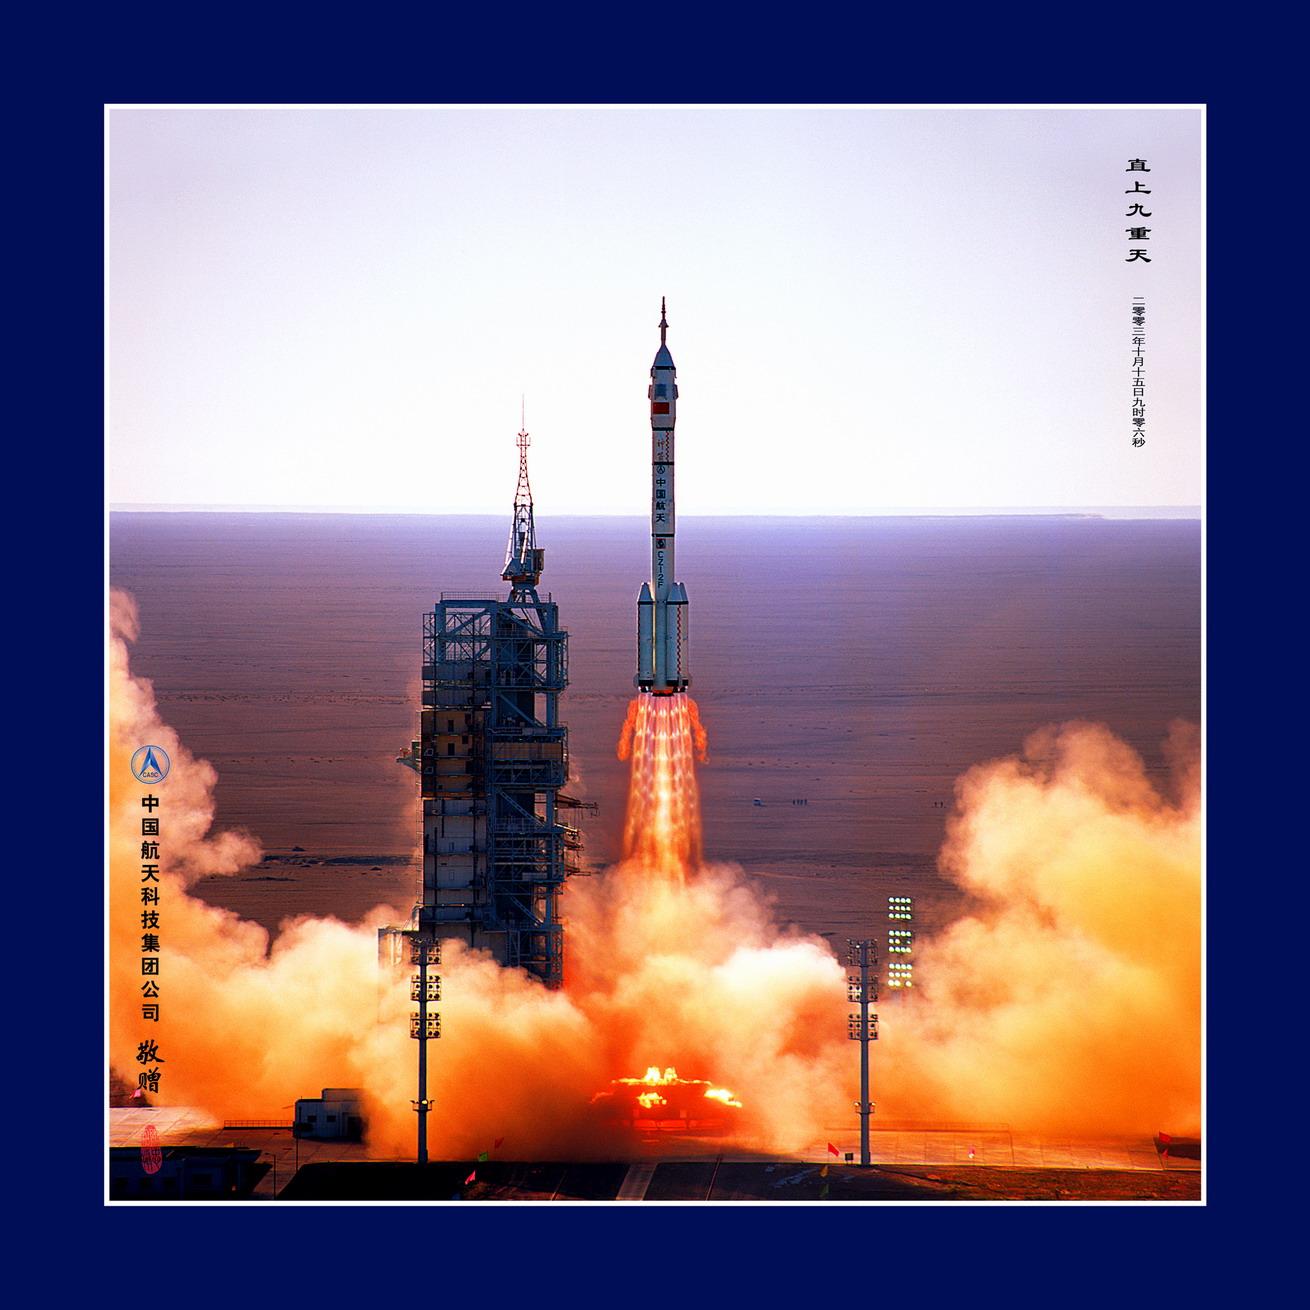 火箭发射组图--科技--人民网